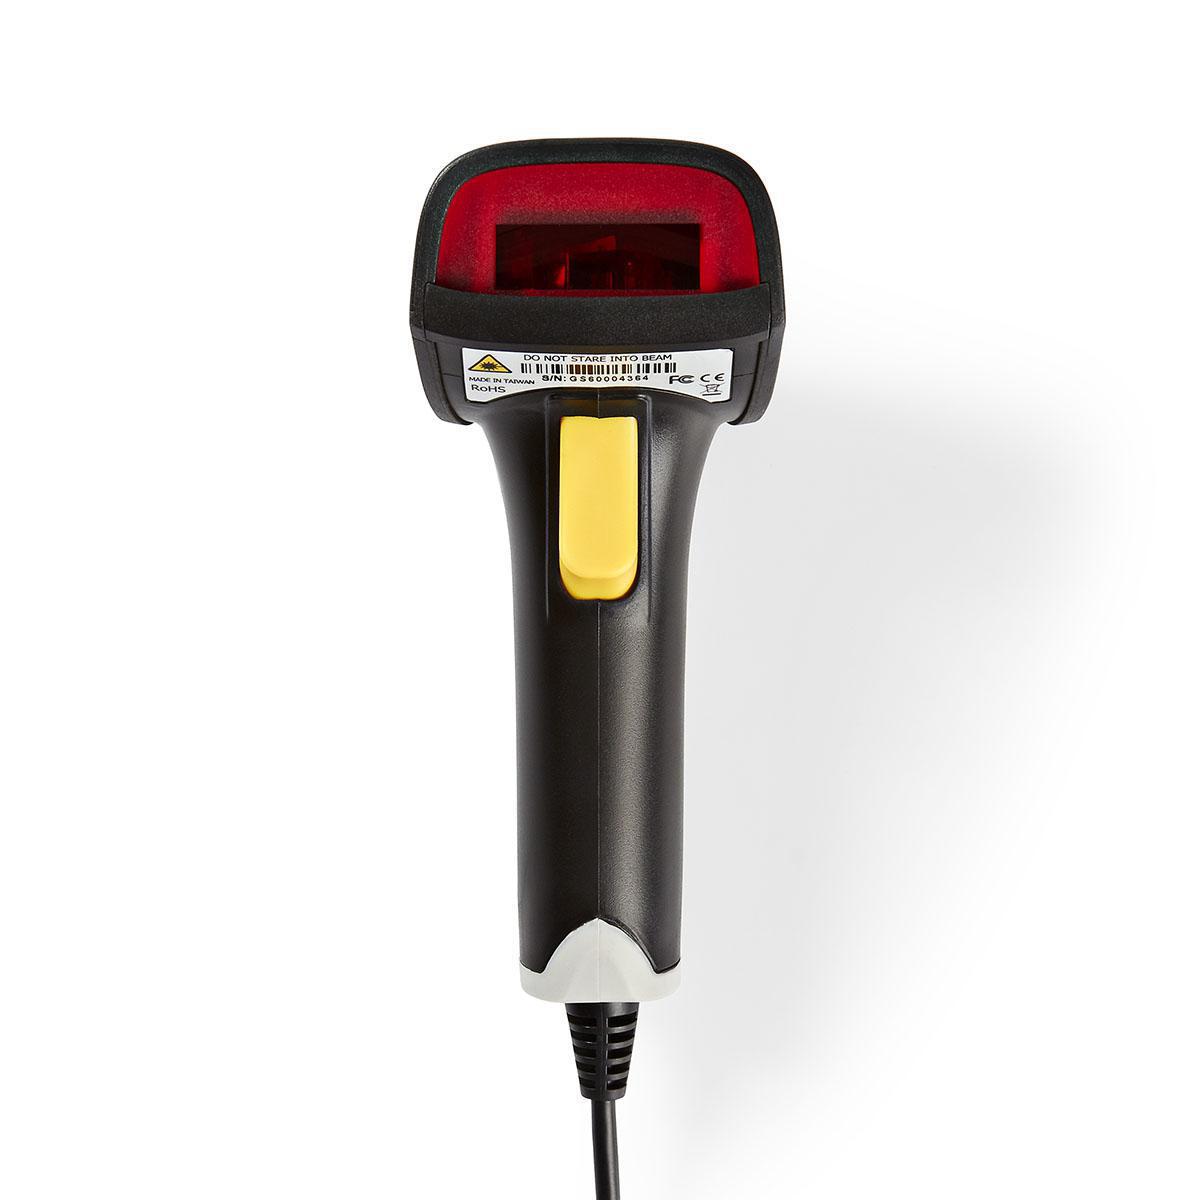 Laser Barcode Scanner | 1D Linear | USB 2 0 | Grey / Black